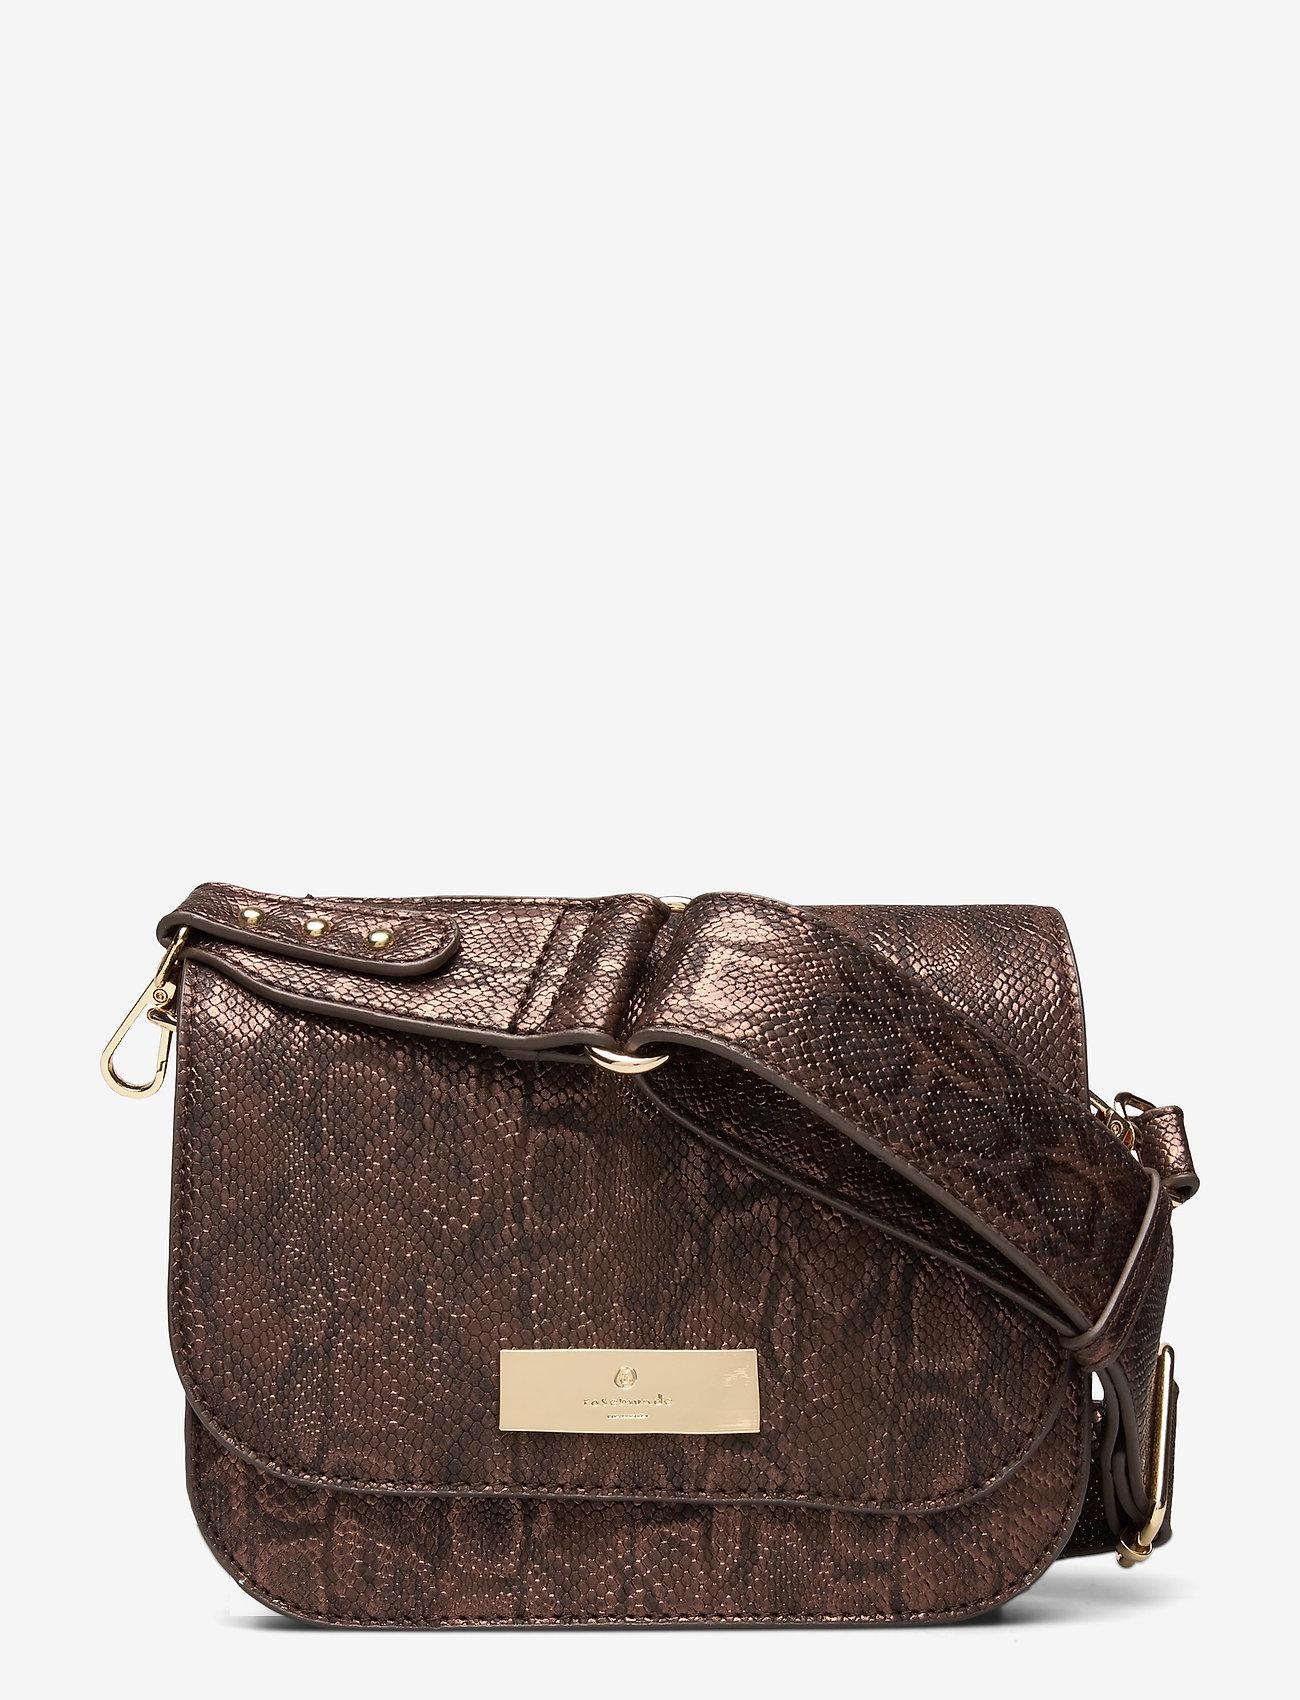 Bag Small (Brown Snake Foil Gold) (699 kr) Rosemunde